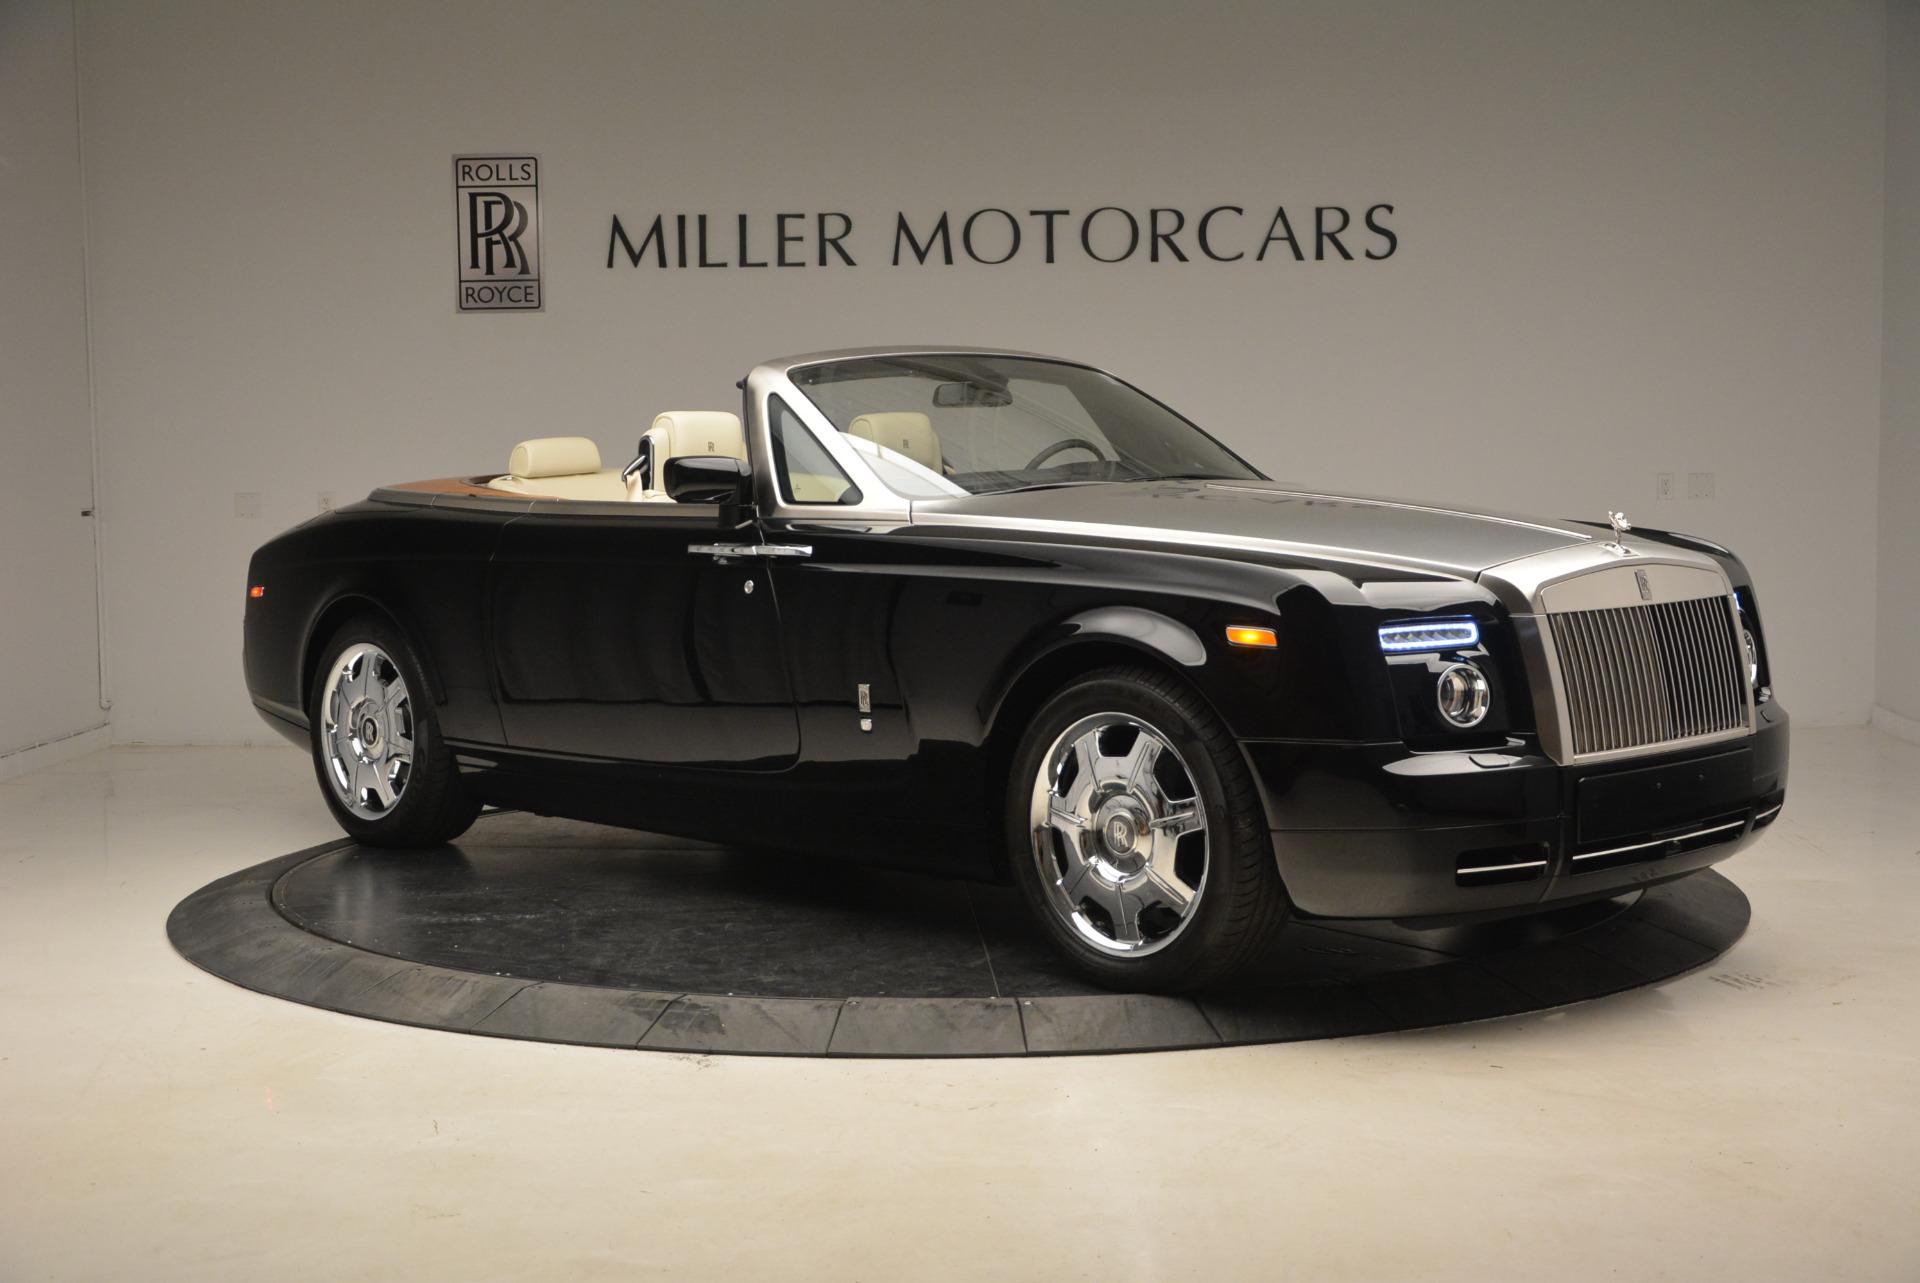 Used 2009 Rolls-Royce Phantom Drophead Coupe  For Sale In Westport, CT 1792_p12